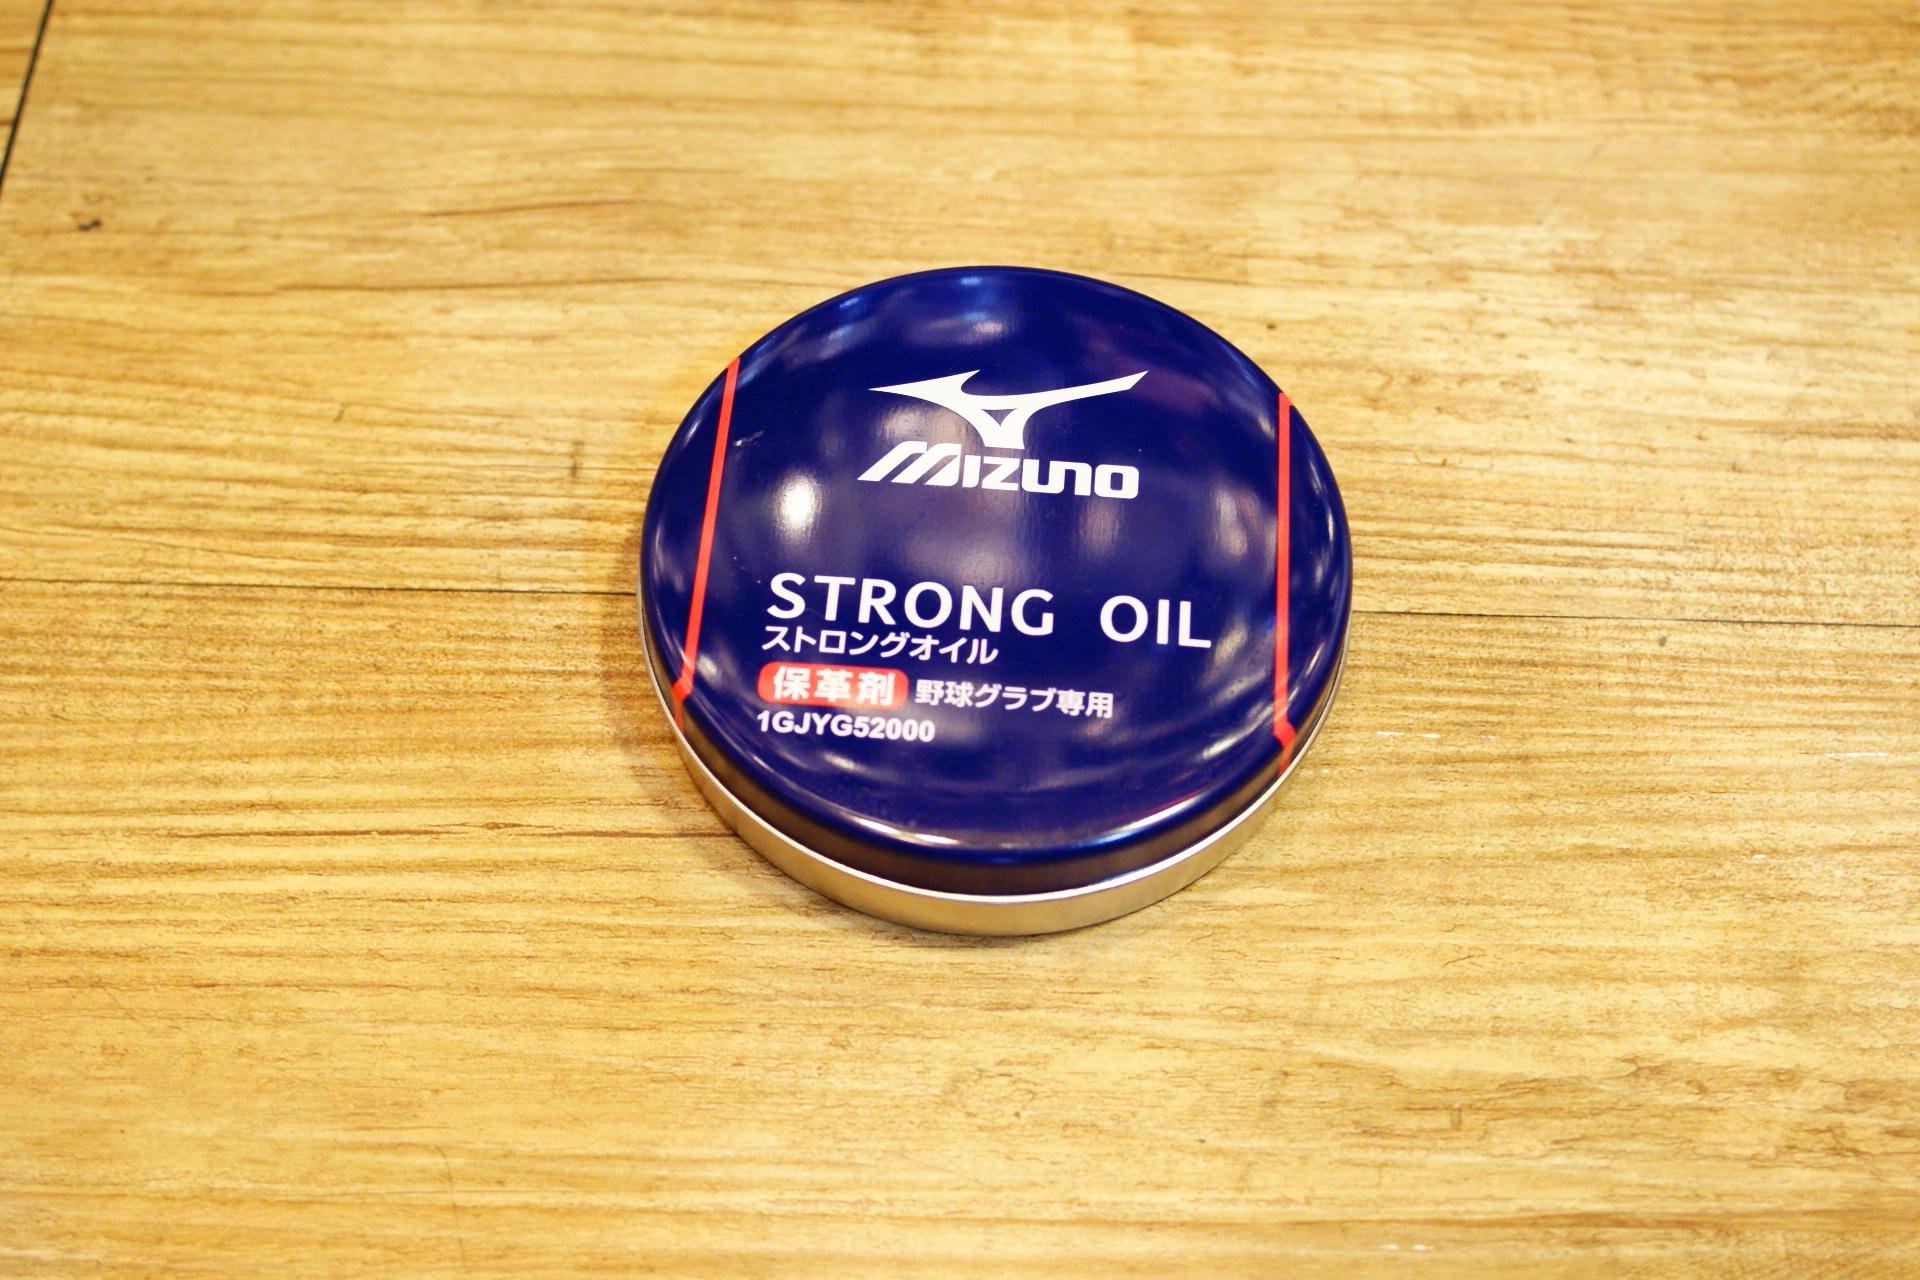 棒球世界 Mizuno美津濃 透明皮革油 特價